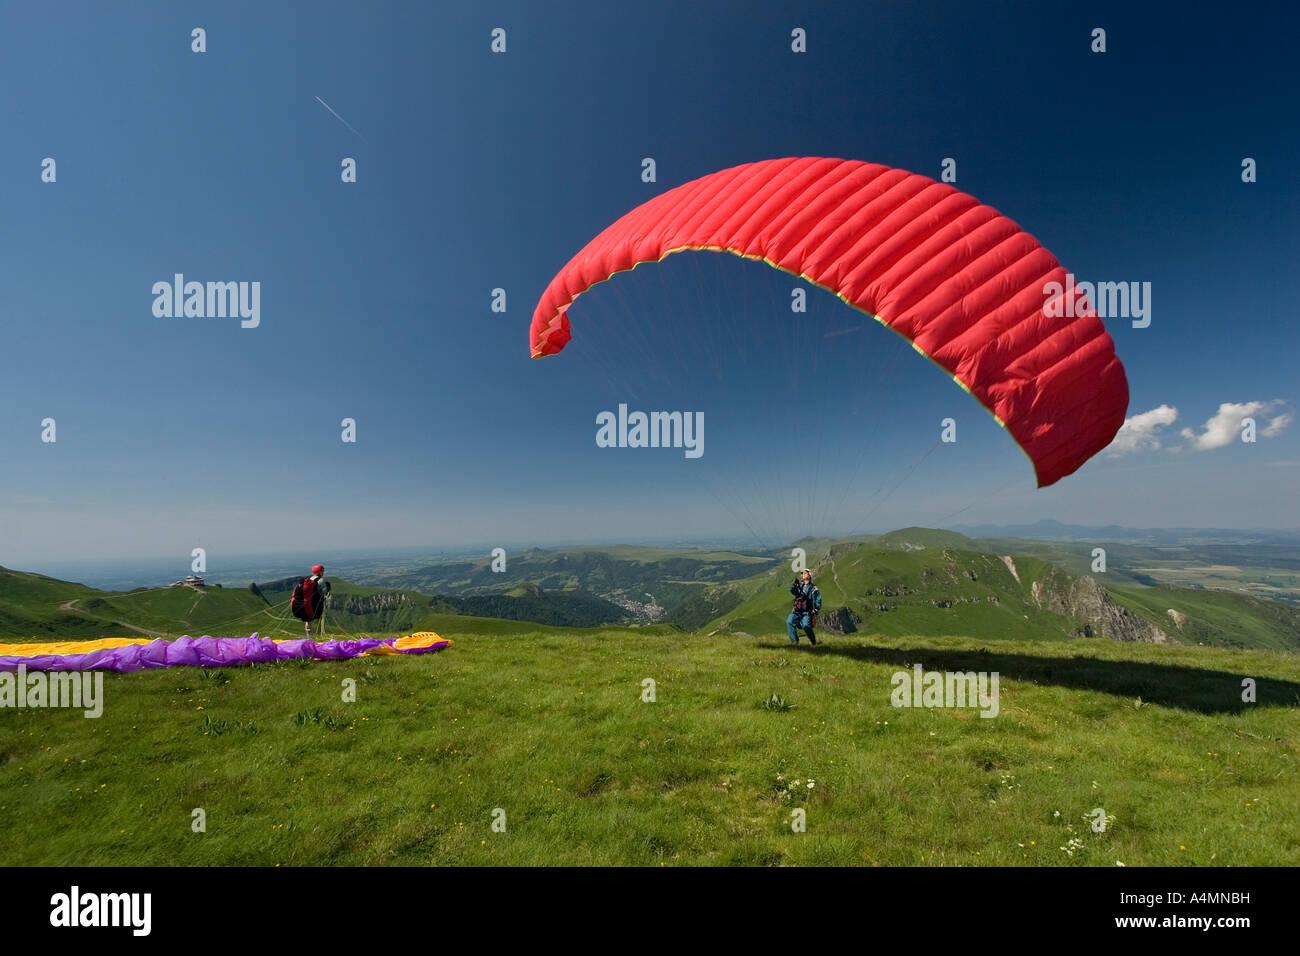 A paraglider ready to take off (Puy de Dôme - France) Parapentiste s'apprêtant à prendre son envol (Puy de Dôme Stock Photo